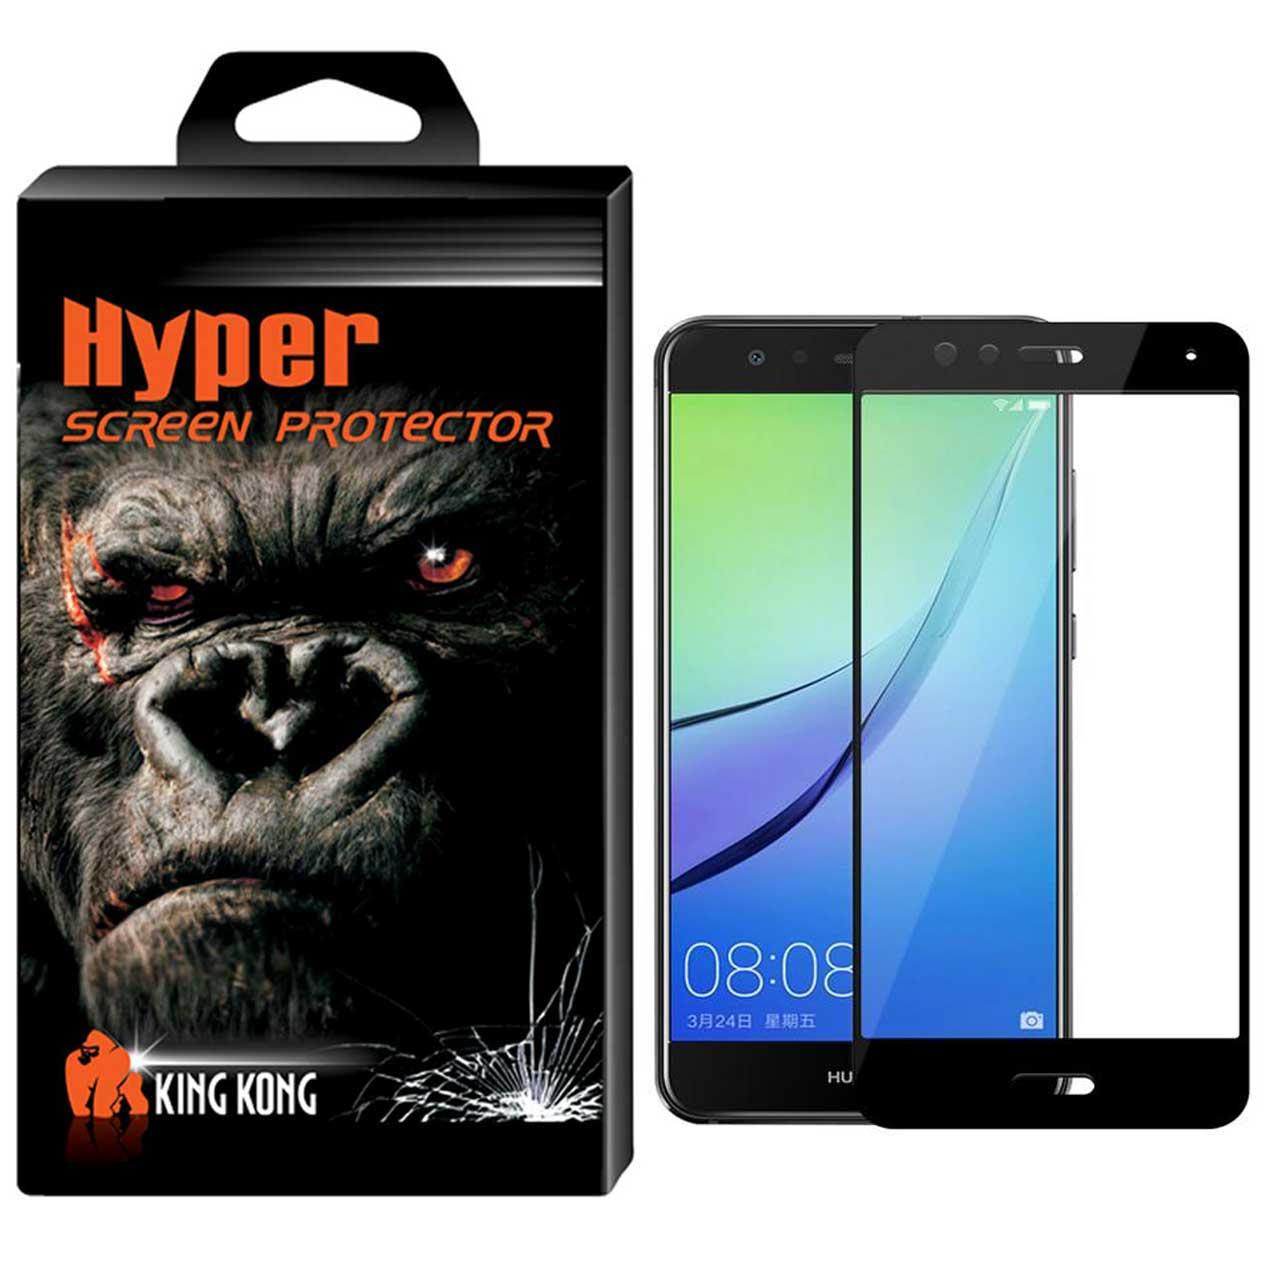 محافظ صفحه نمایش شیشه ای کینگ کونگ مدل Hyper Fullcover مناسب برای گوشی هواوی Honor P10 Lite